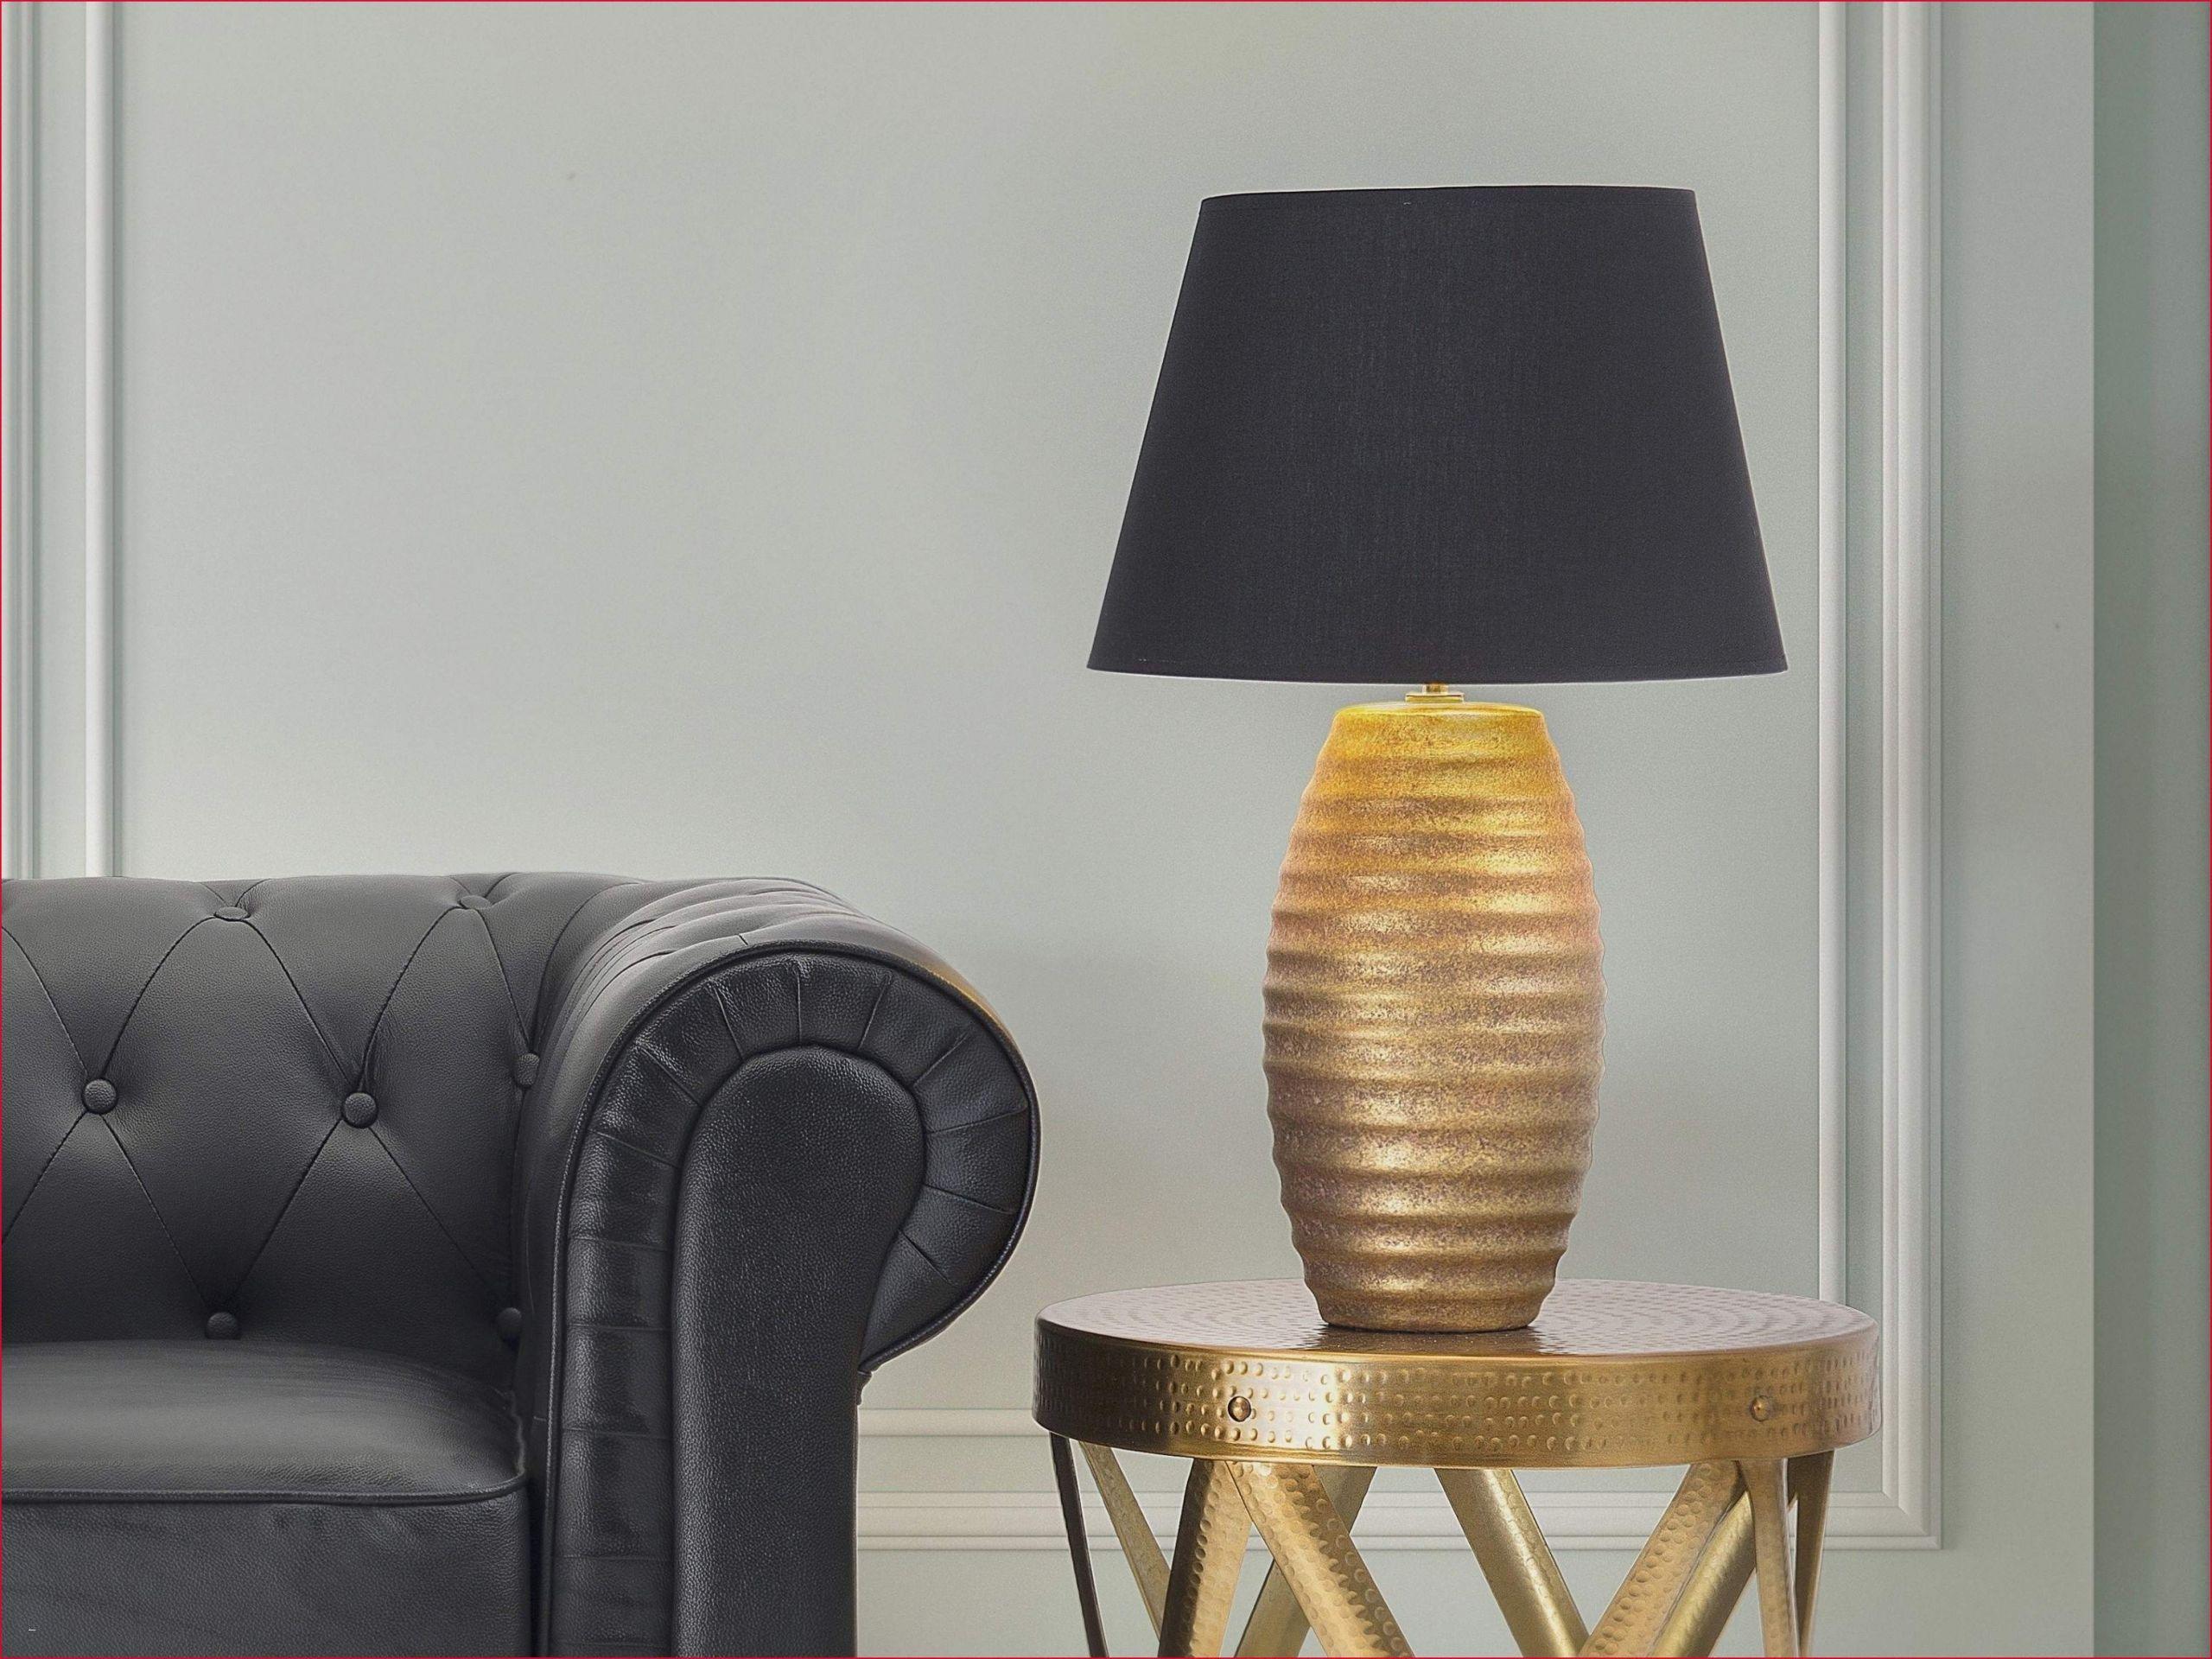 wohnzimmer lampe led reizend schon licht lampe sammlung von lampe idee lampe ideen of wohnzimmer lampe led